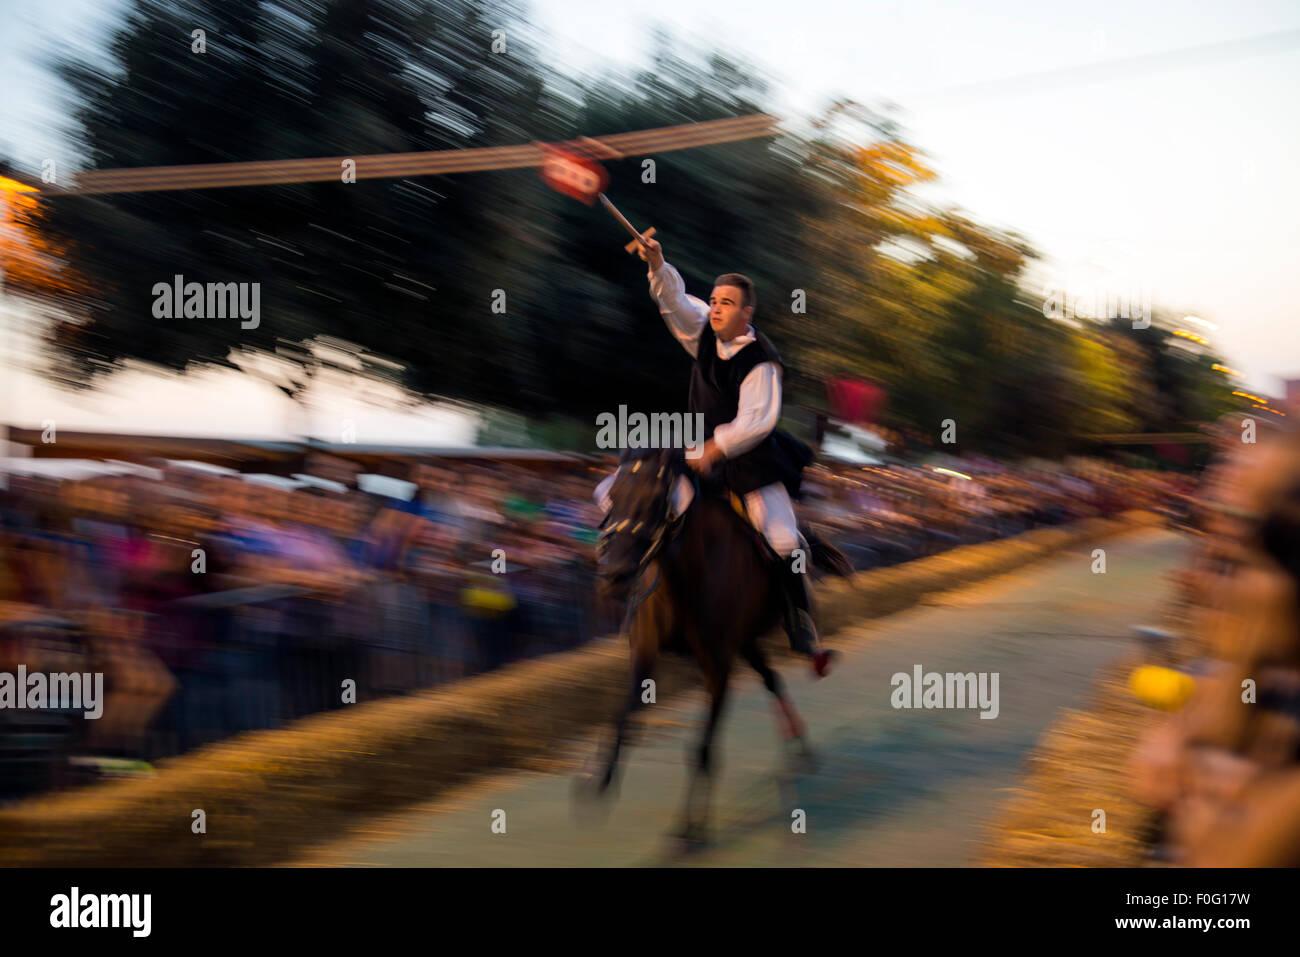 Participante en la carrera a la corona tradicional festival Osilo Cerdeña Italia Imagen De Stock